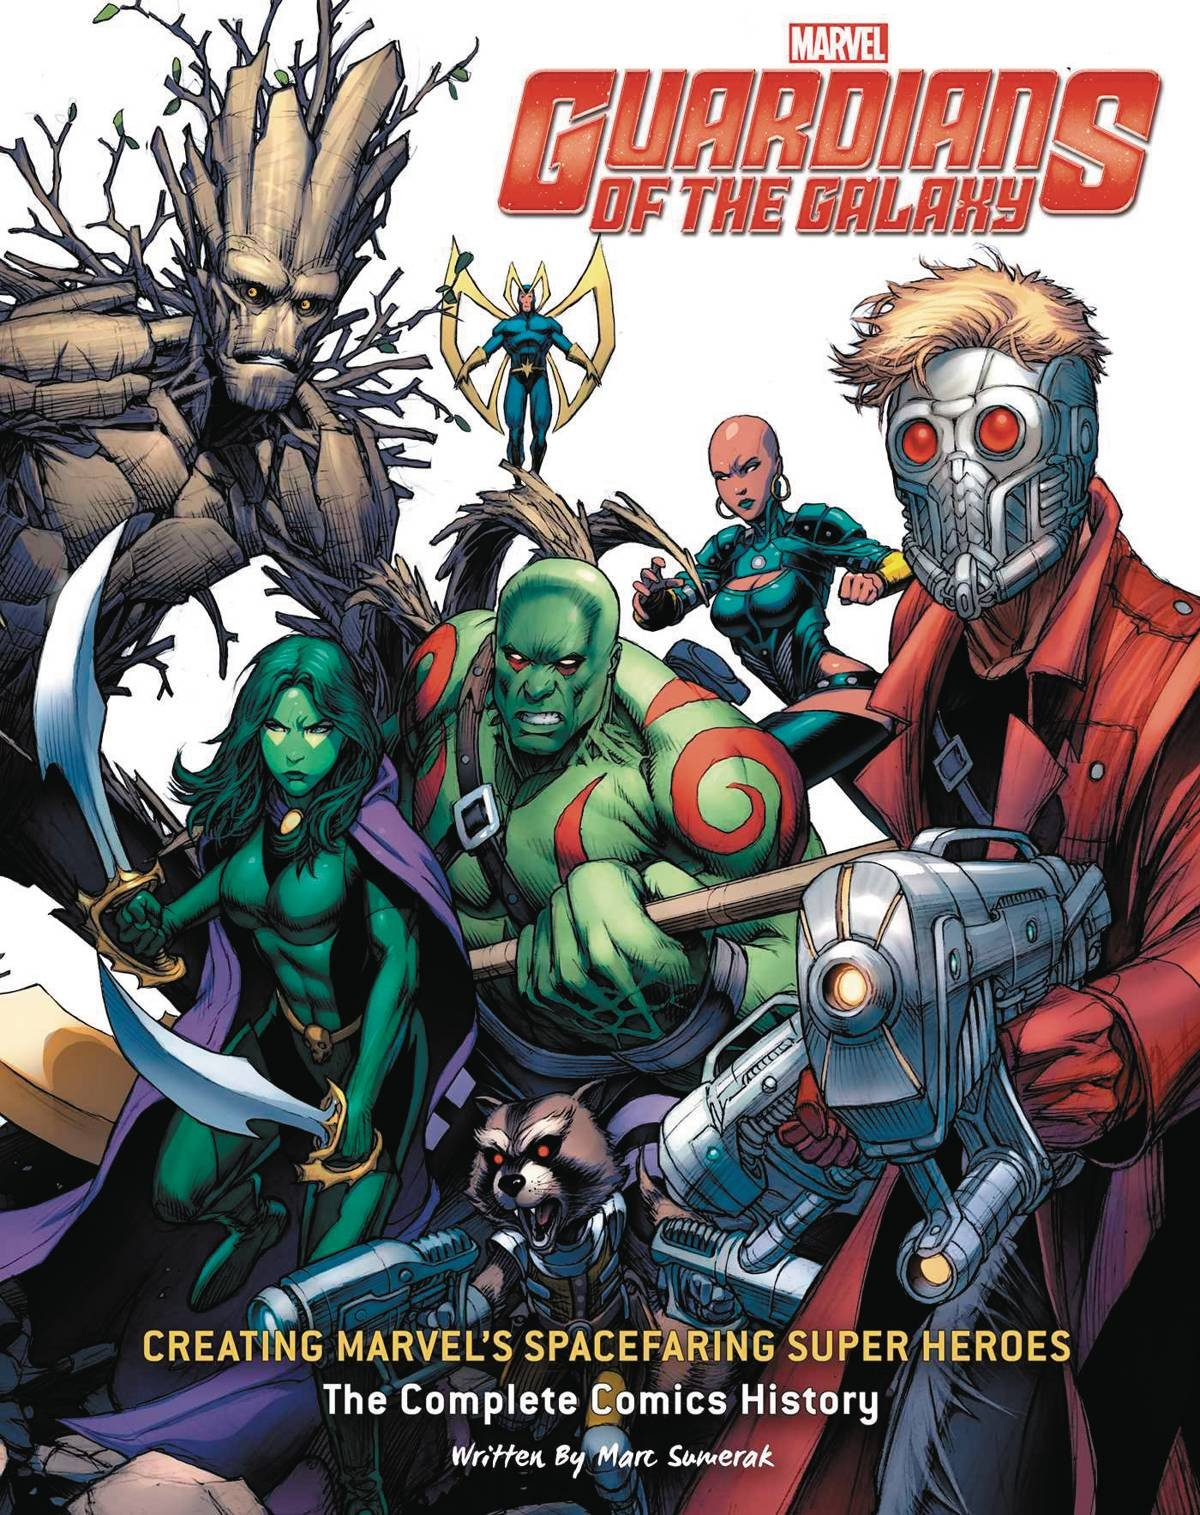 Resultado de imagen para guardians of the galaxy comic characters